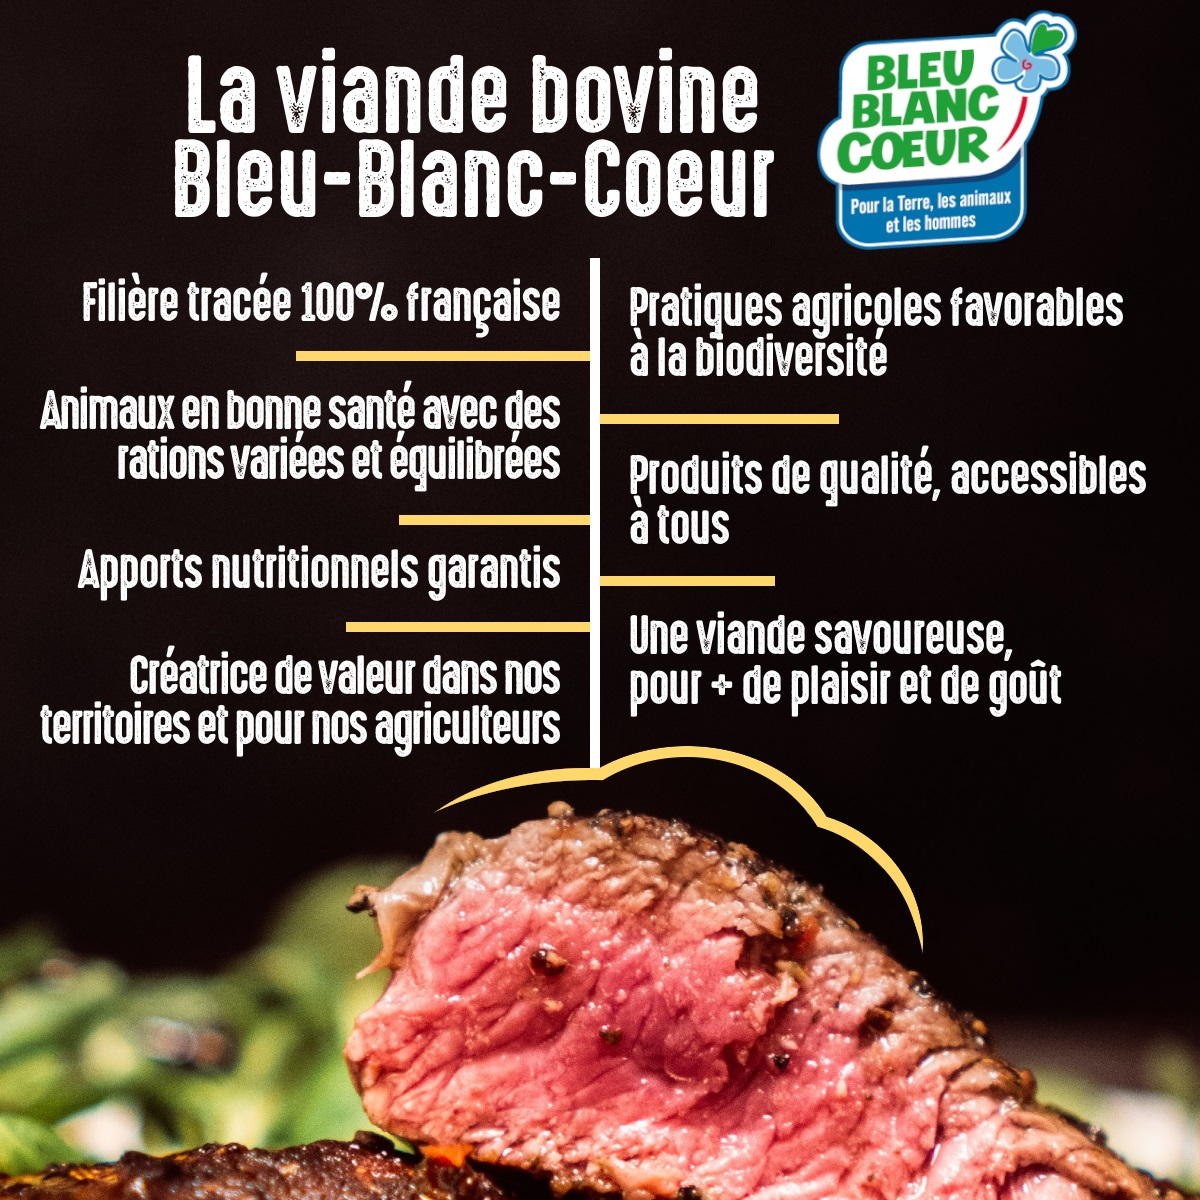 La viande bovine Bleu-Blanc-Coeur